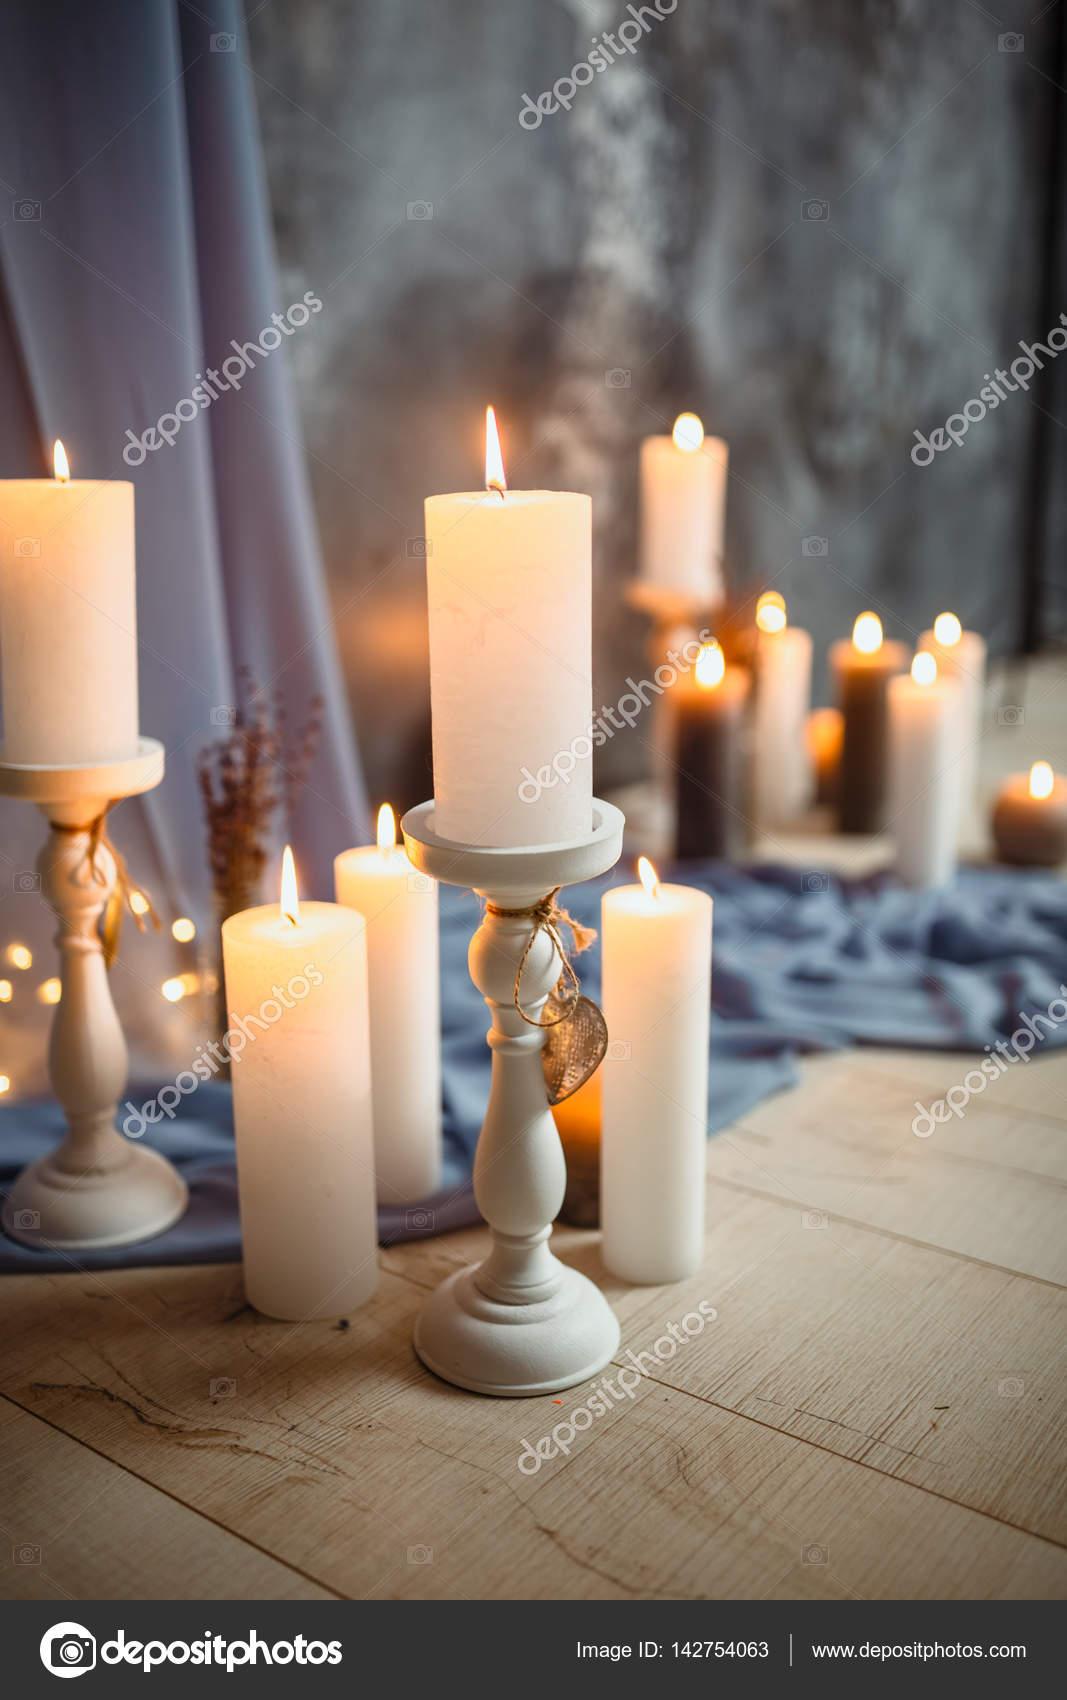 romantische interieur zum valentinstag mit kerzen lichter brennen im zimmer stockfoto. Black Bedroom Furniture Sets. Home Design Ideas